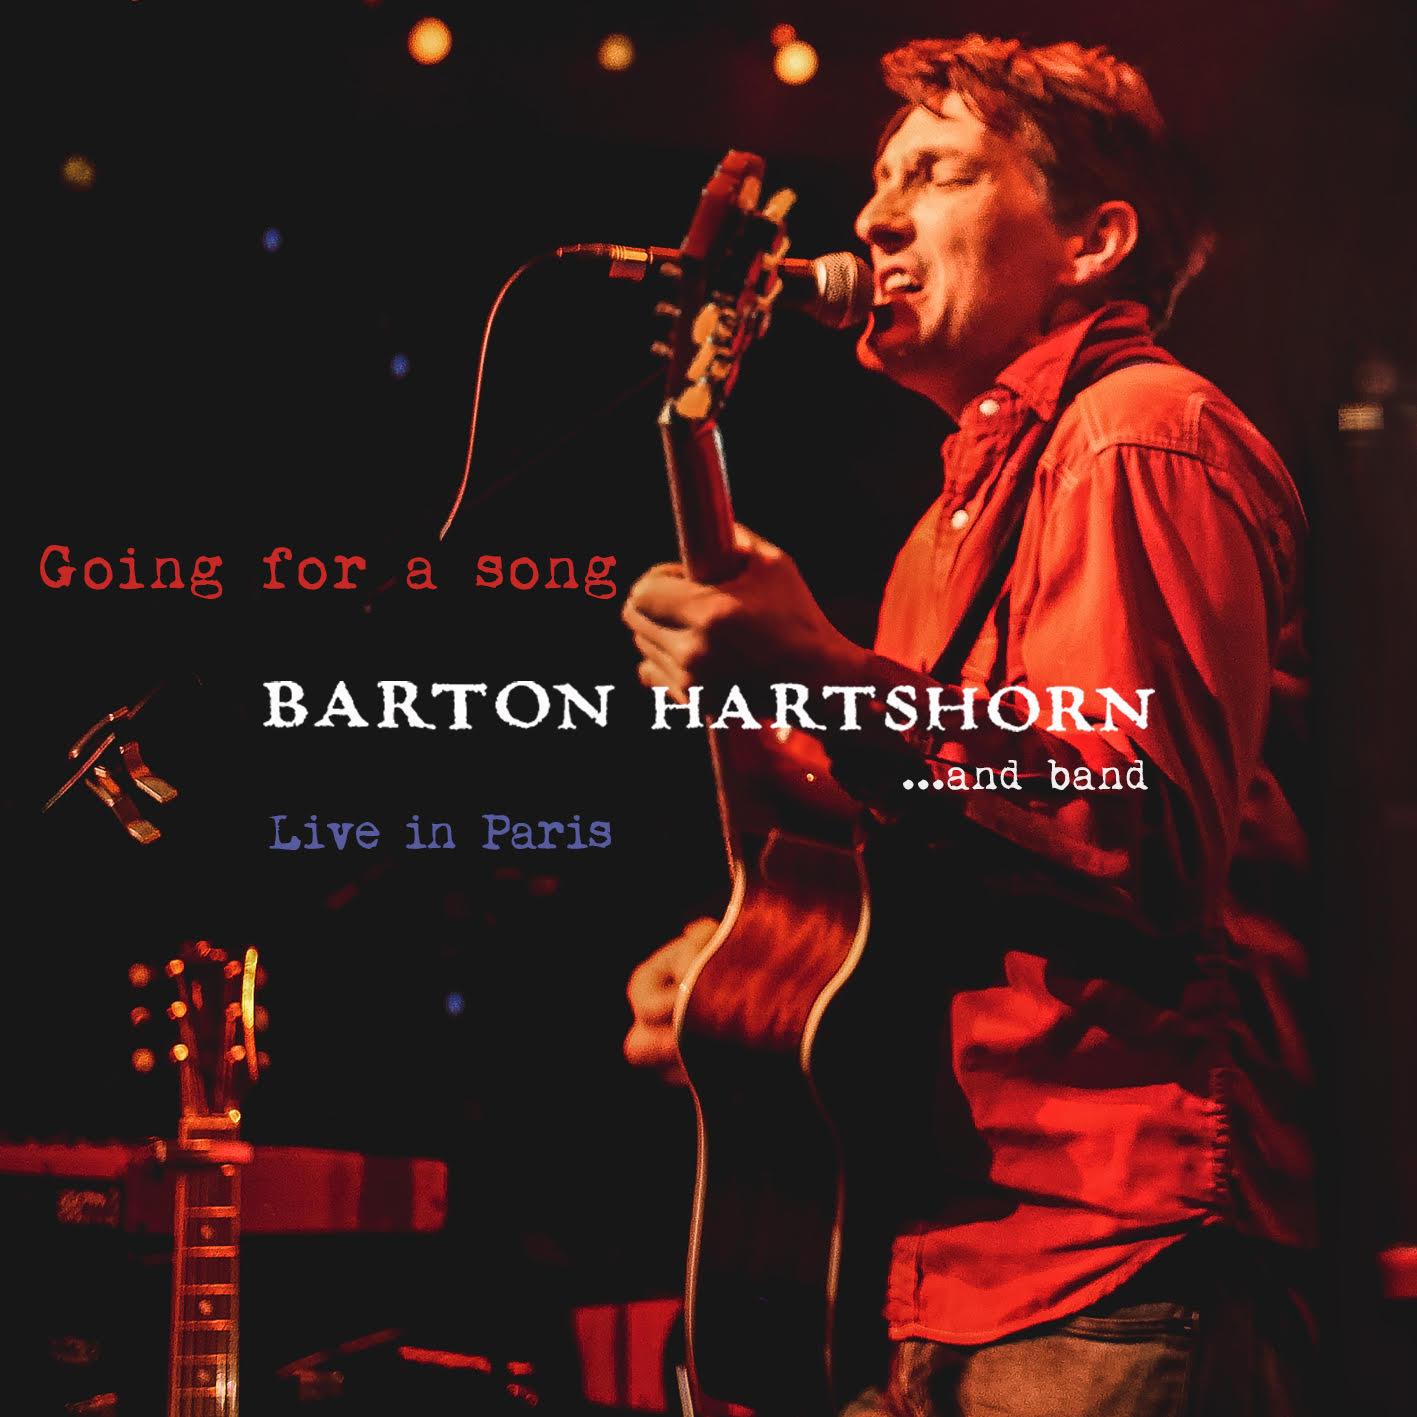 Barton Hartshorn - Going for a song